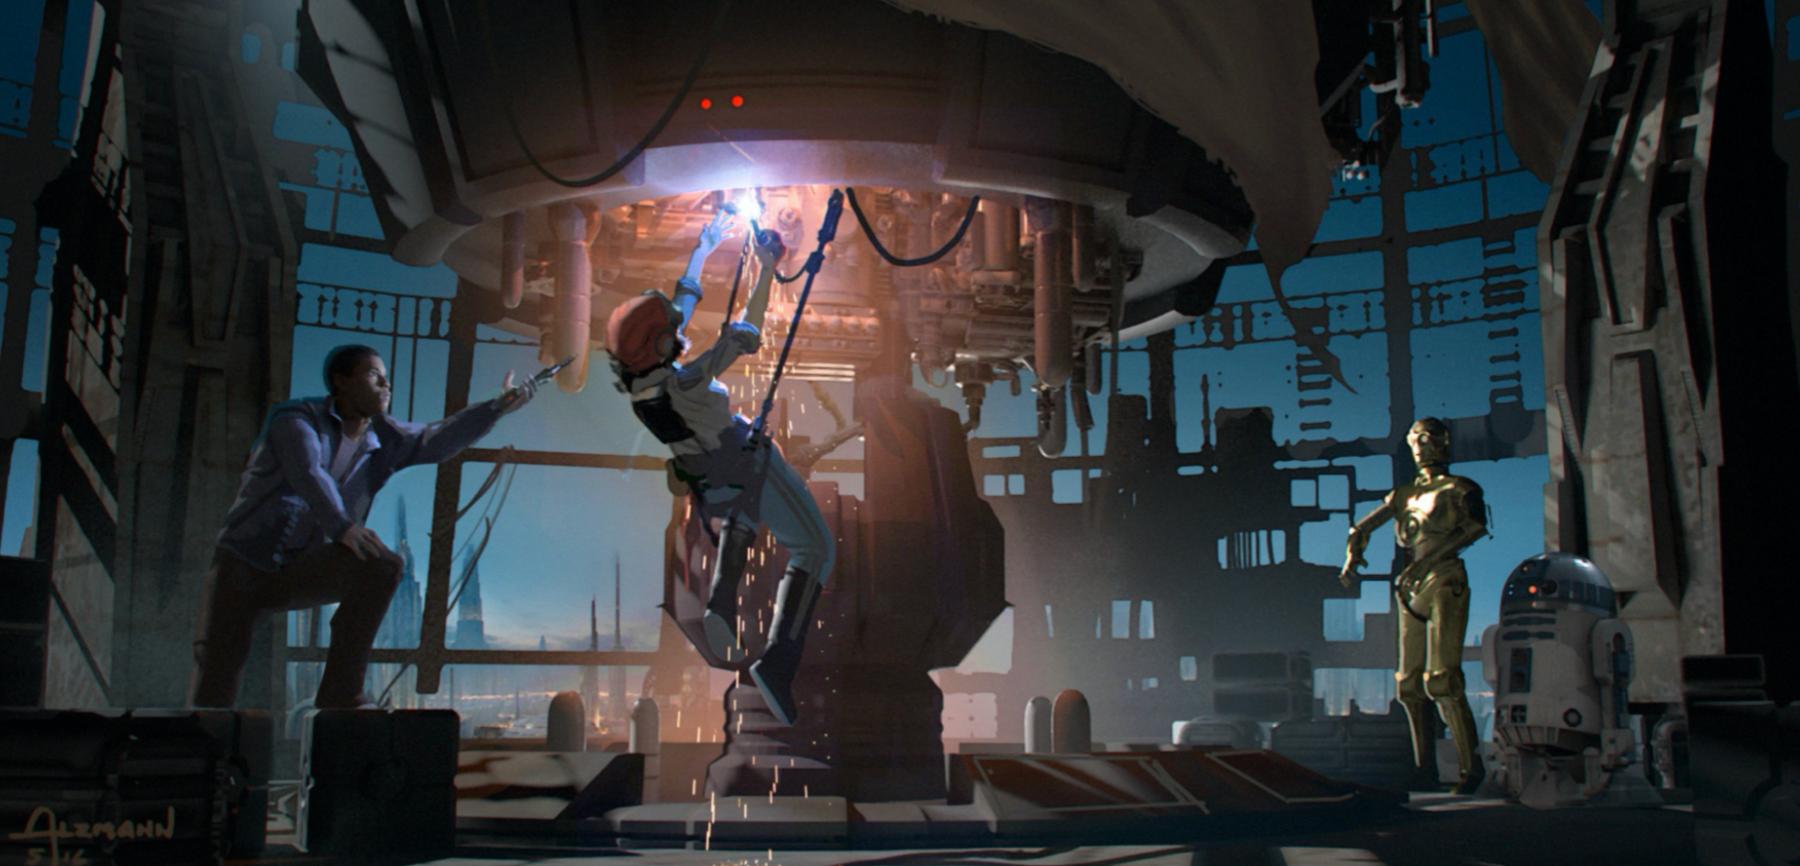 Роуз, Финн, C-3PO и R2 пытаются активировать маяк на Корусанте, чтобы передать послание Леи